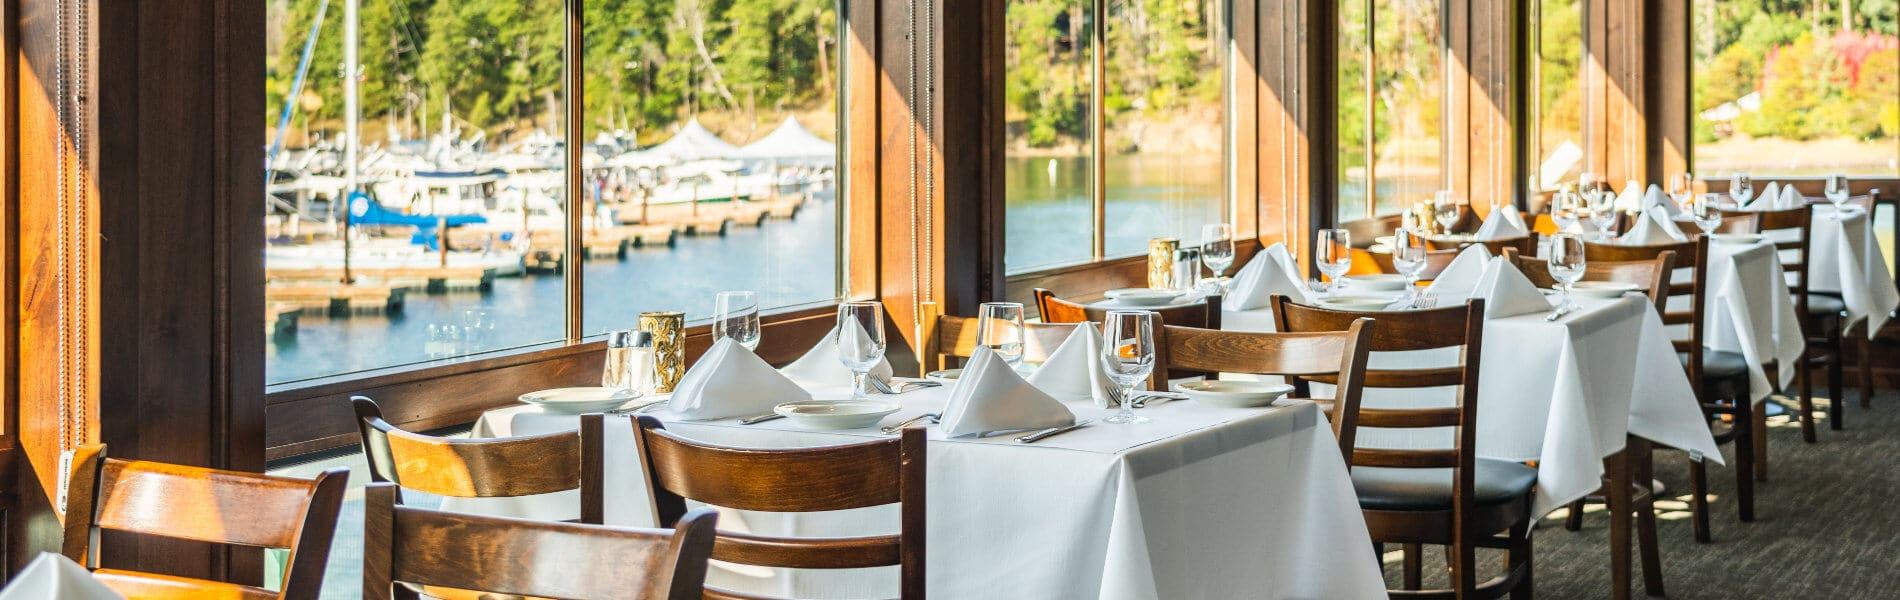 Dining Roche Harbor Resort